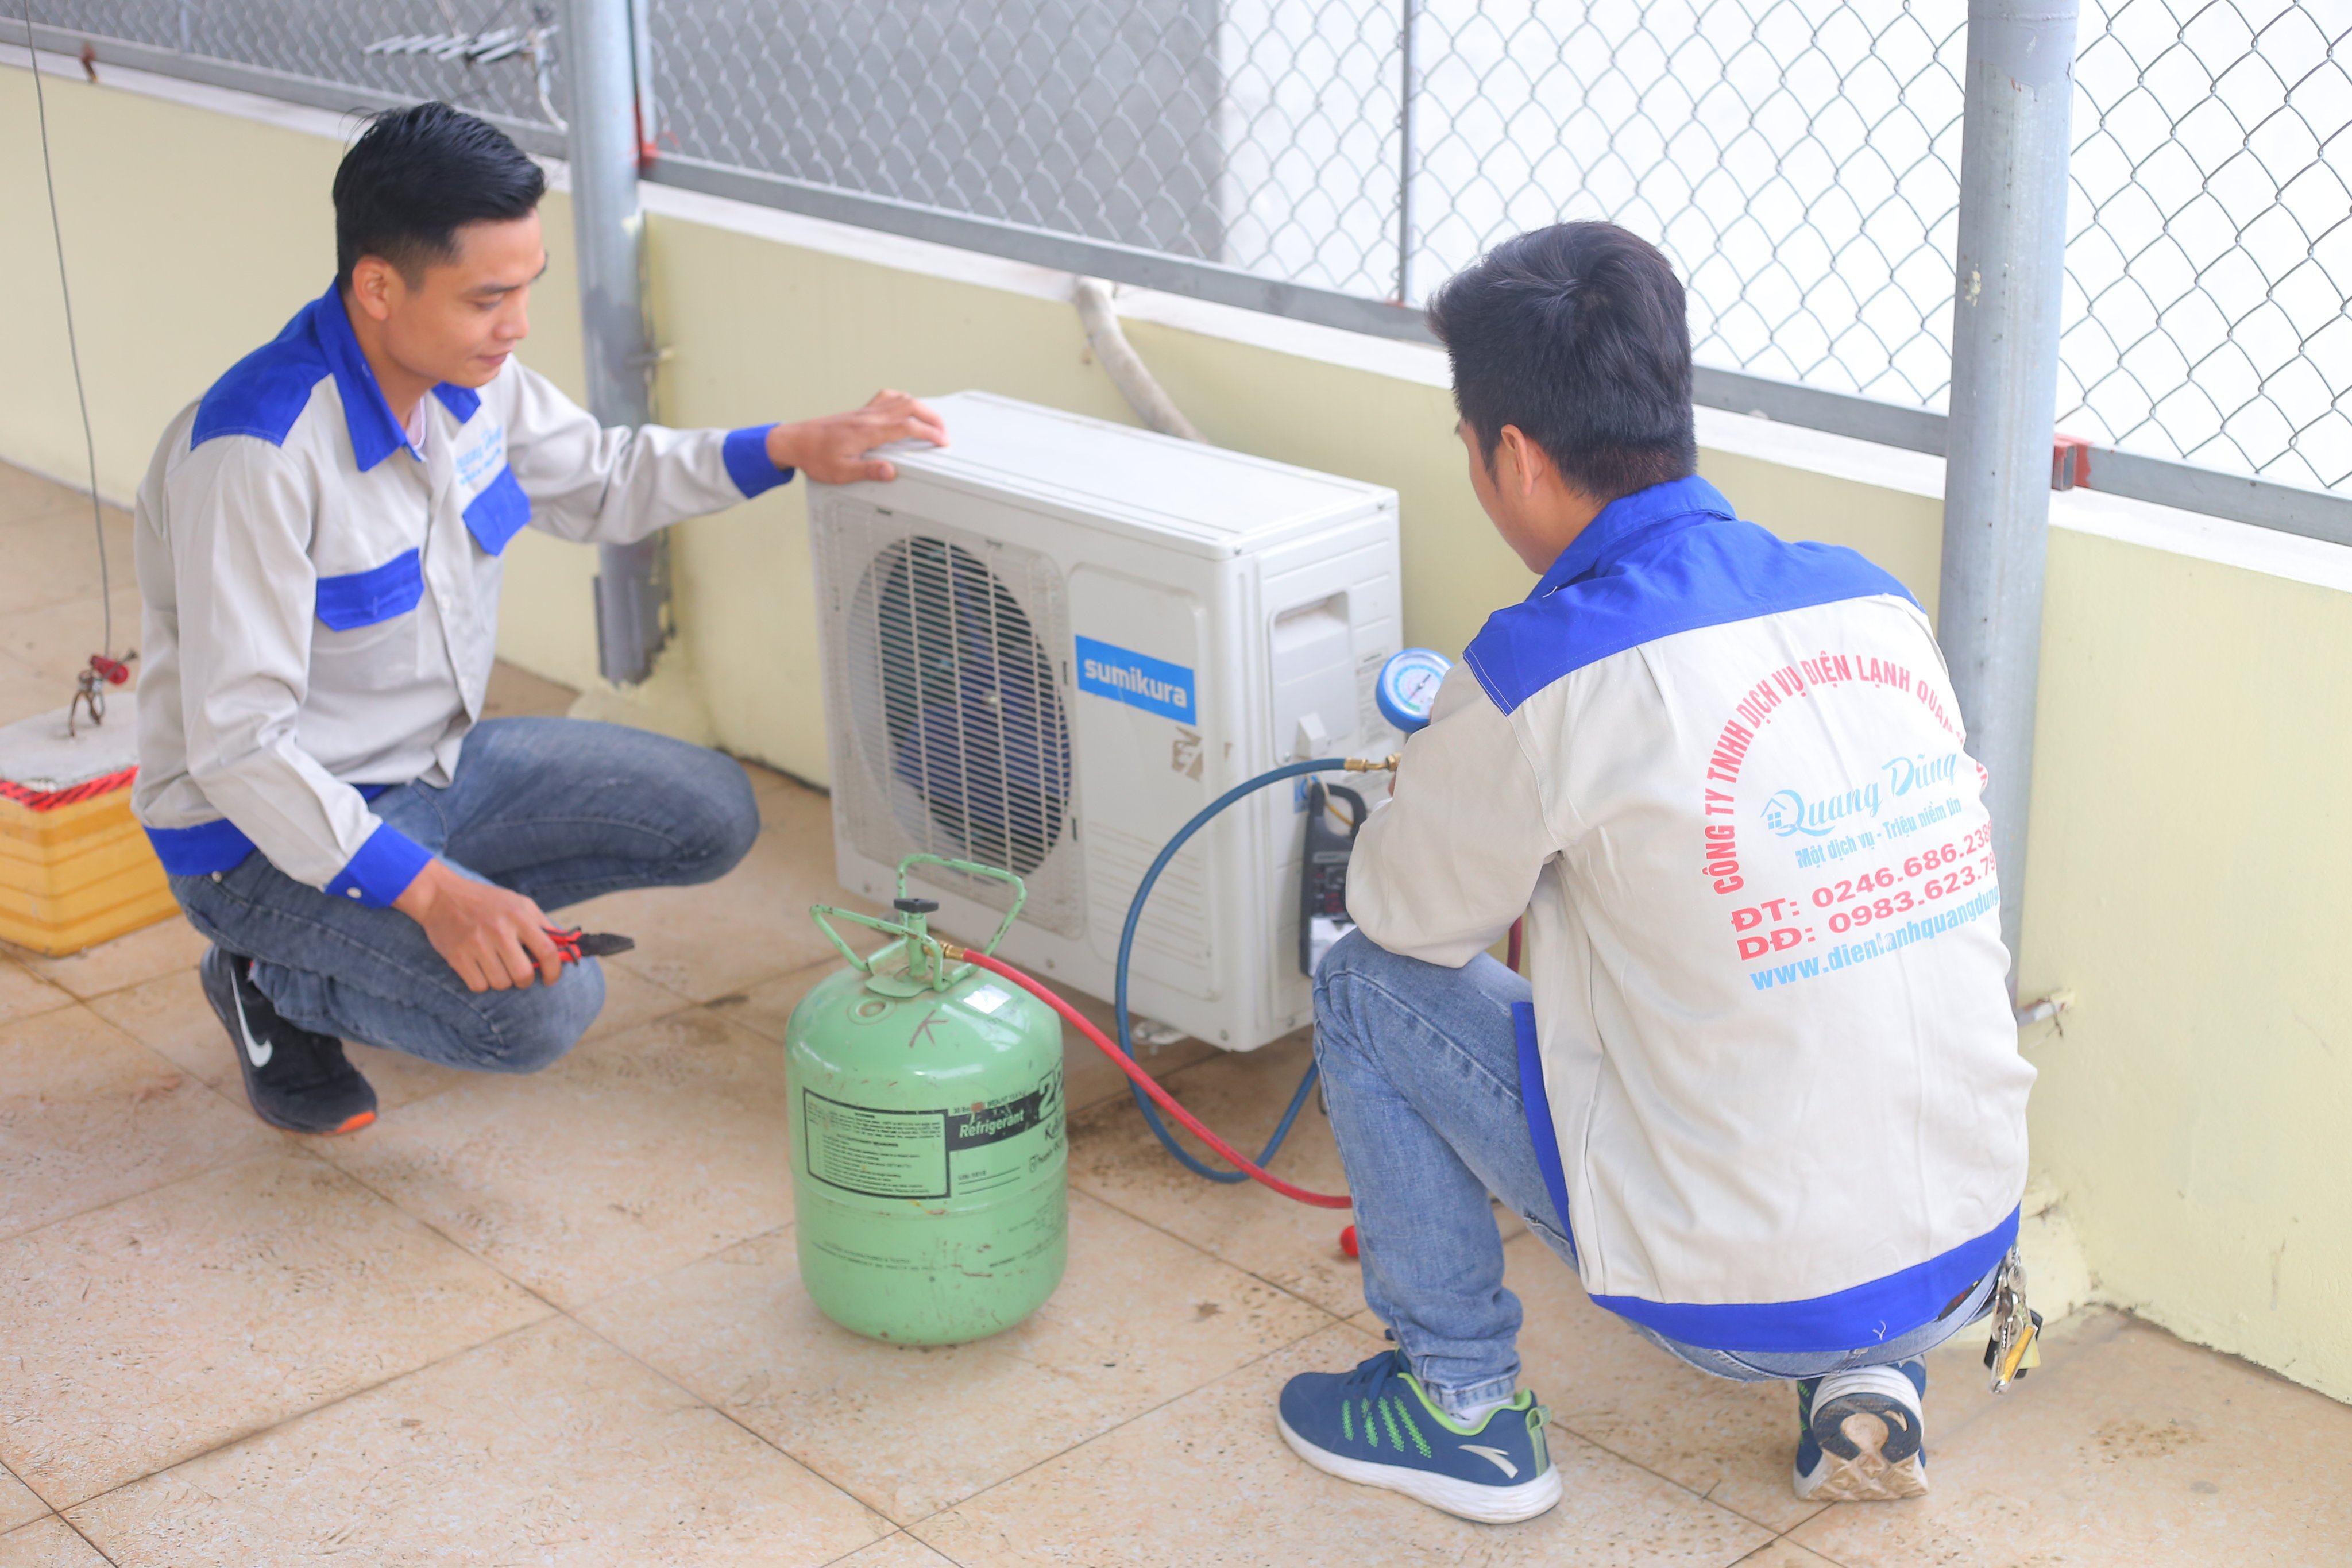 Nạp Gas Điều Hòa tại Hà Nội, Đơn Vị Cung Cấp Gas Chính Hãng 2020